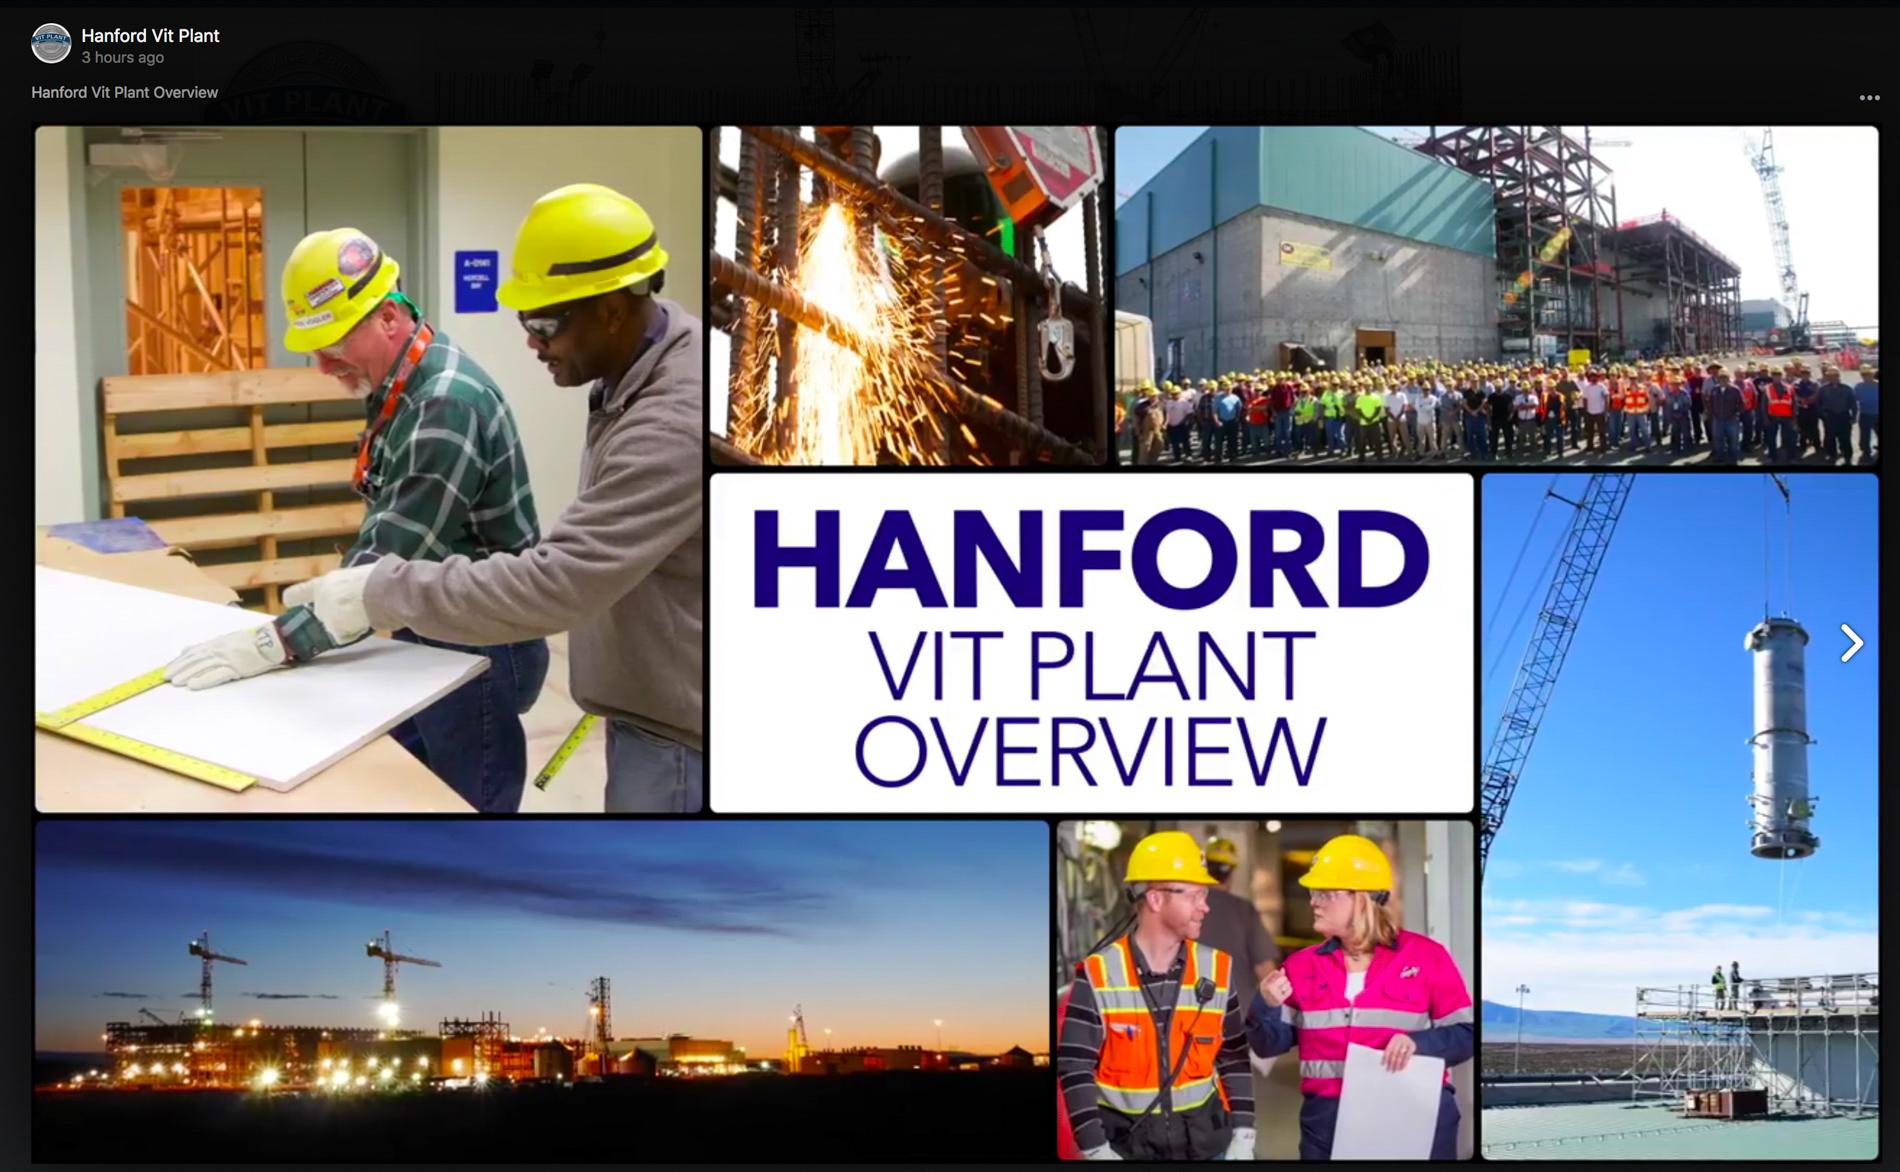 Hanford Vit Plant